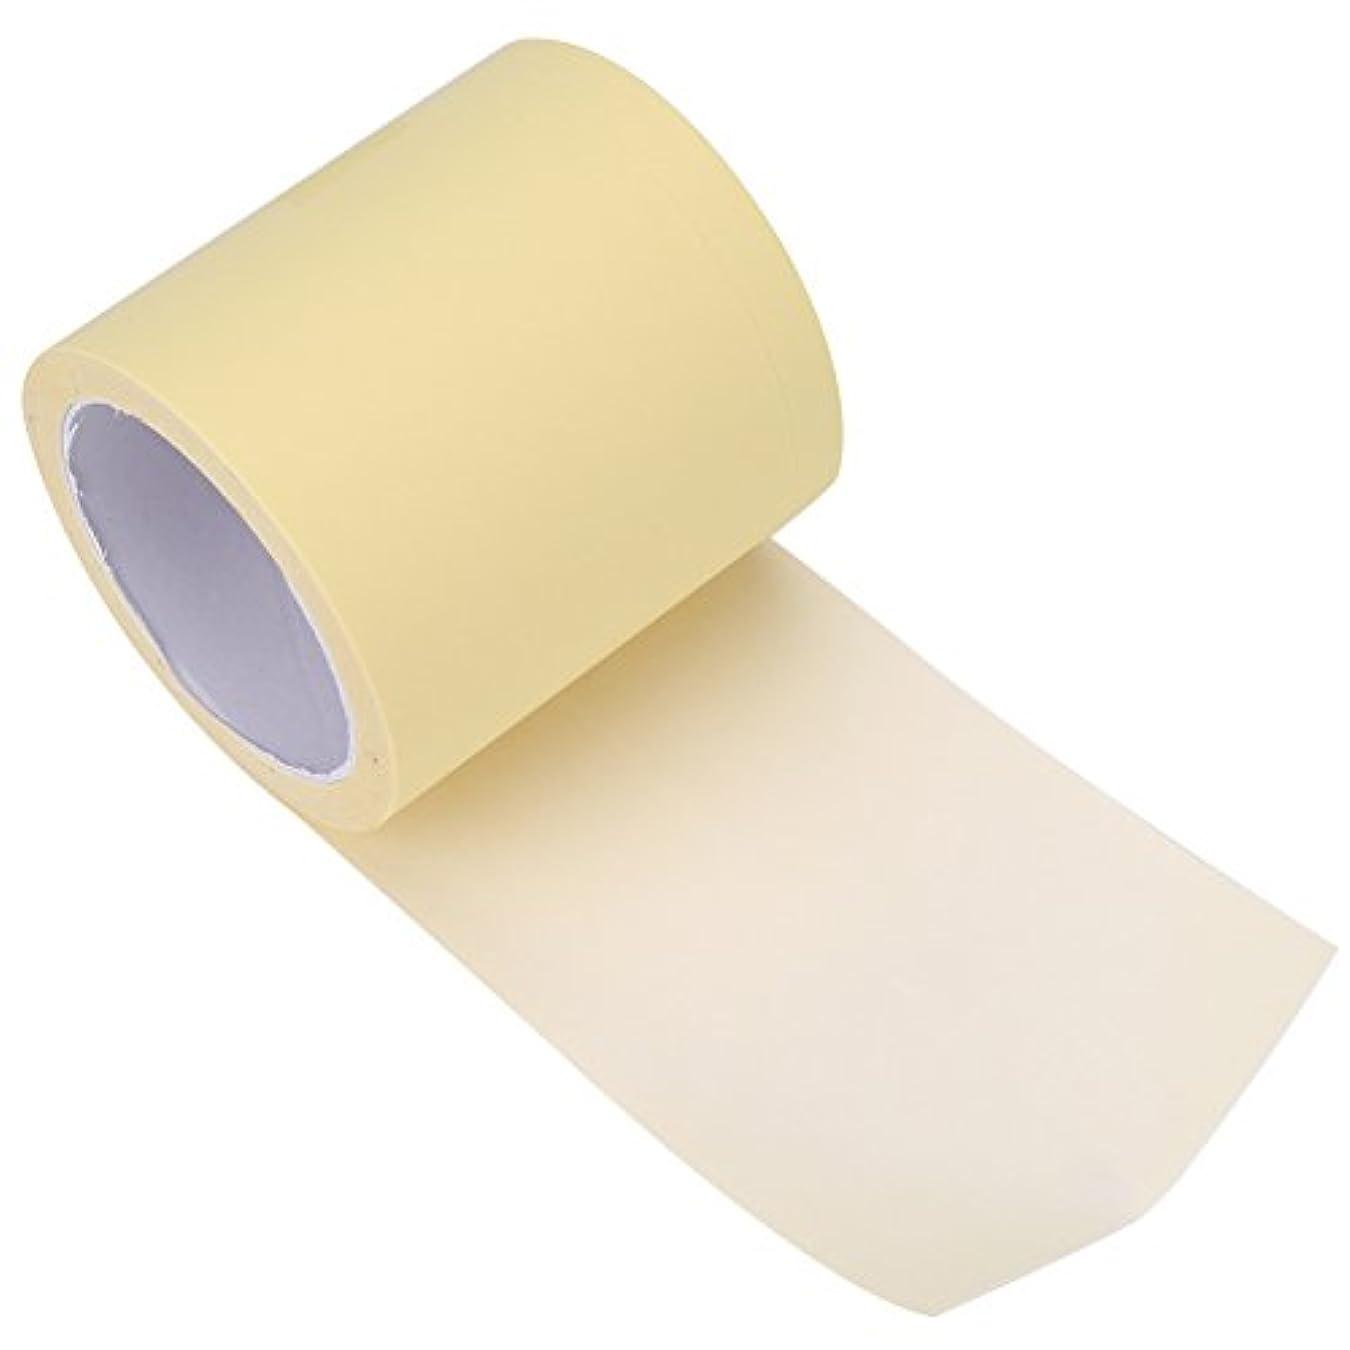 スープミット定規汗止めパッド 脇の下 汗パッド 汗とりシート ワキに直接貼る汗取りパッド 脇の汗染み防止 ロールタイプ 皮膚に優しい 抗菌加工 男女兼用 透明